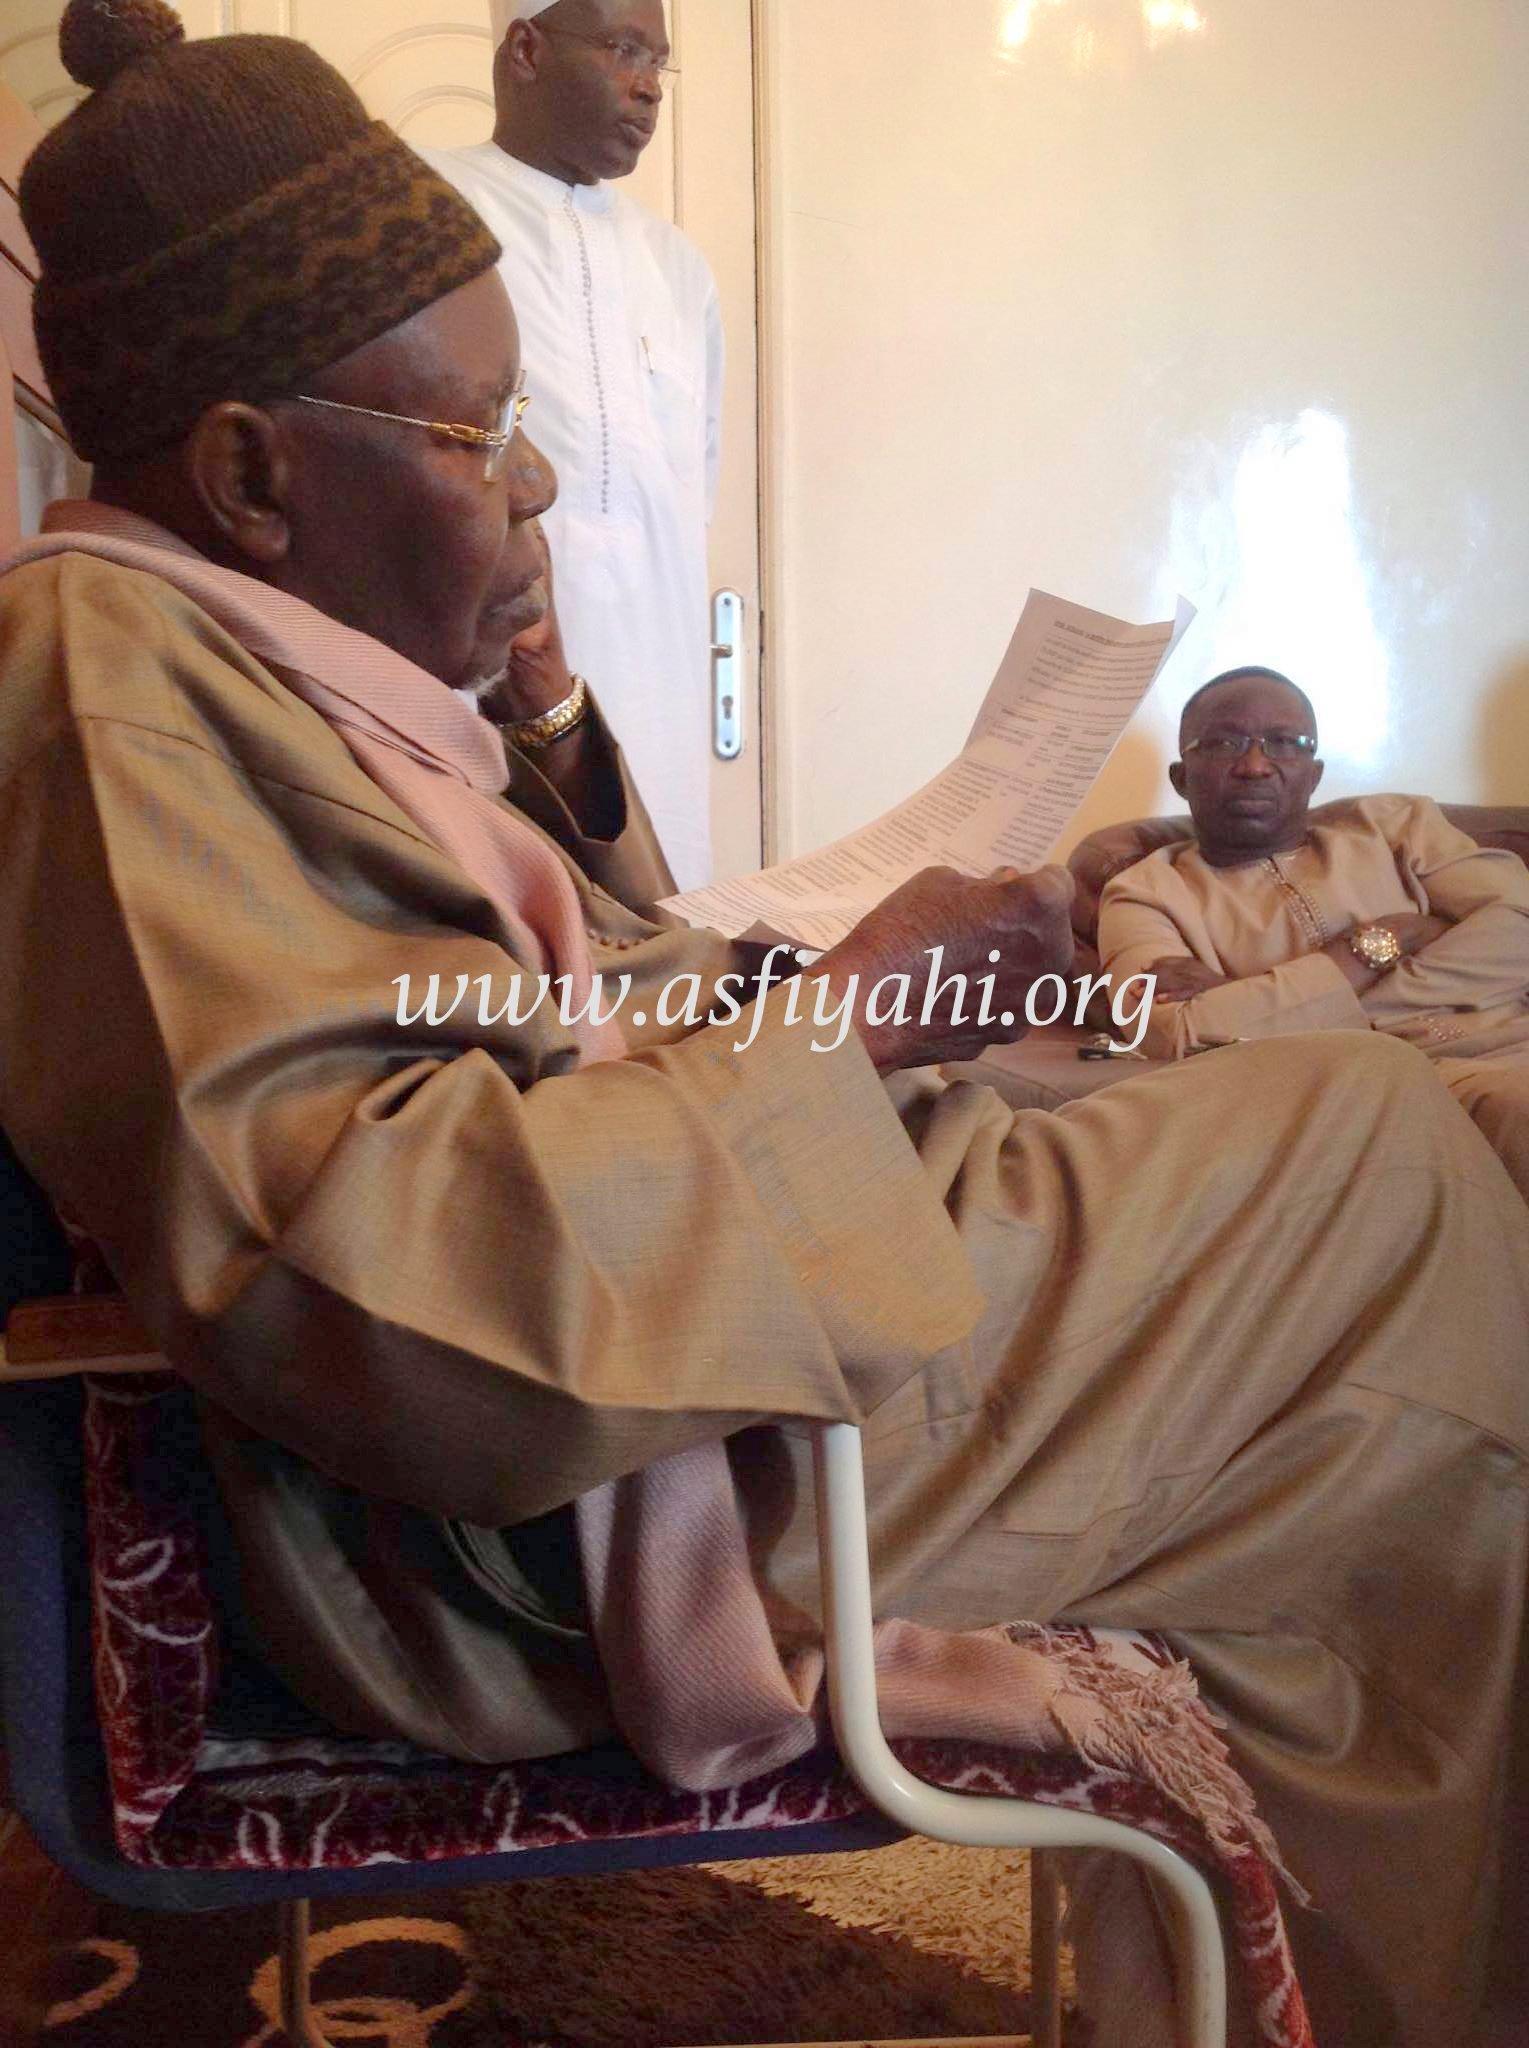 DERNIERE MINUTE - CRISE SCOLAIRE - La Médiation de Serigne Abdoul Aziz Sy Al Amine pourrait dénouer la crise ; Macky Sall téléphone en pleine réunion et promet de...